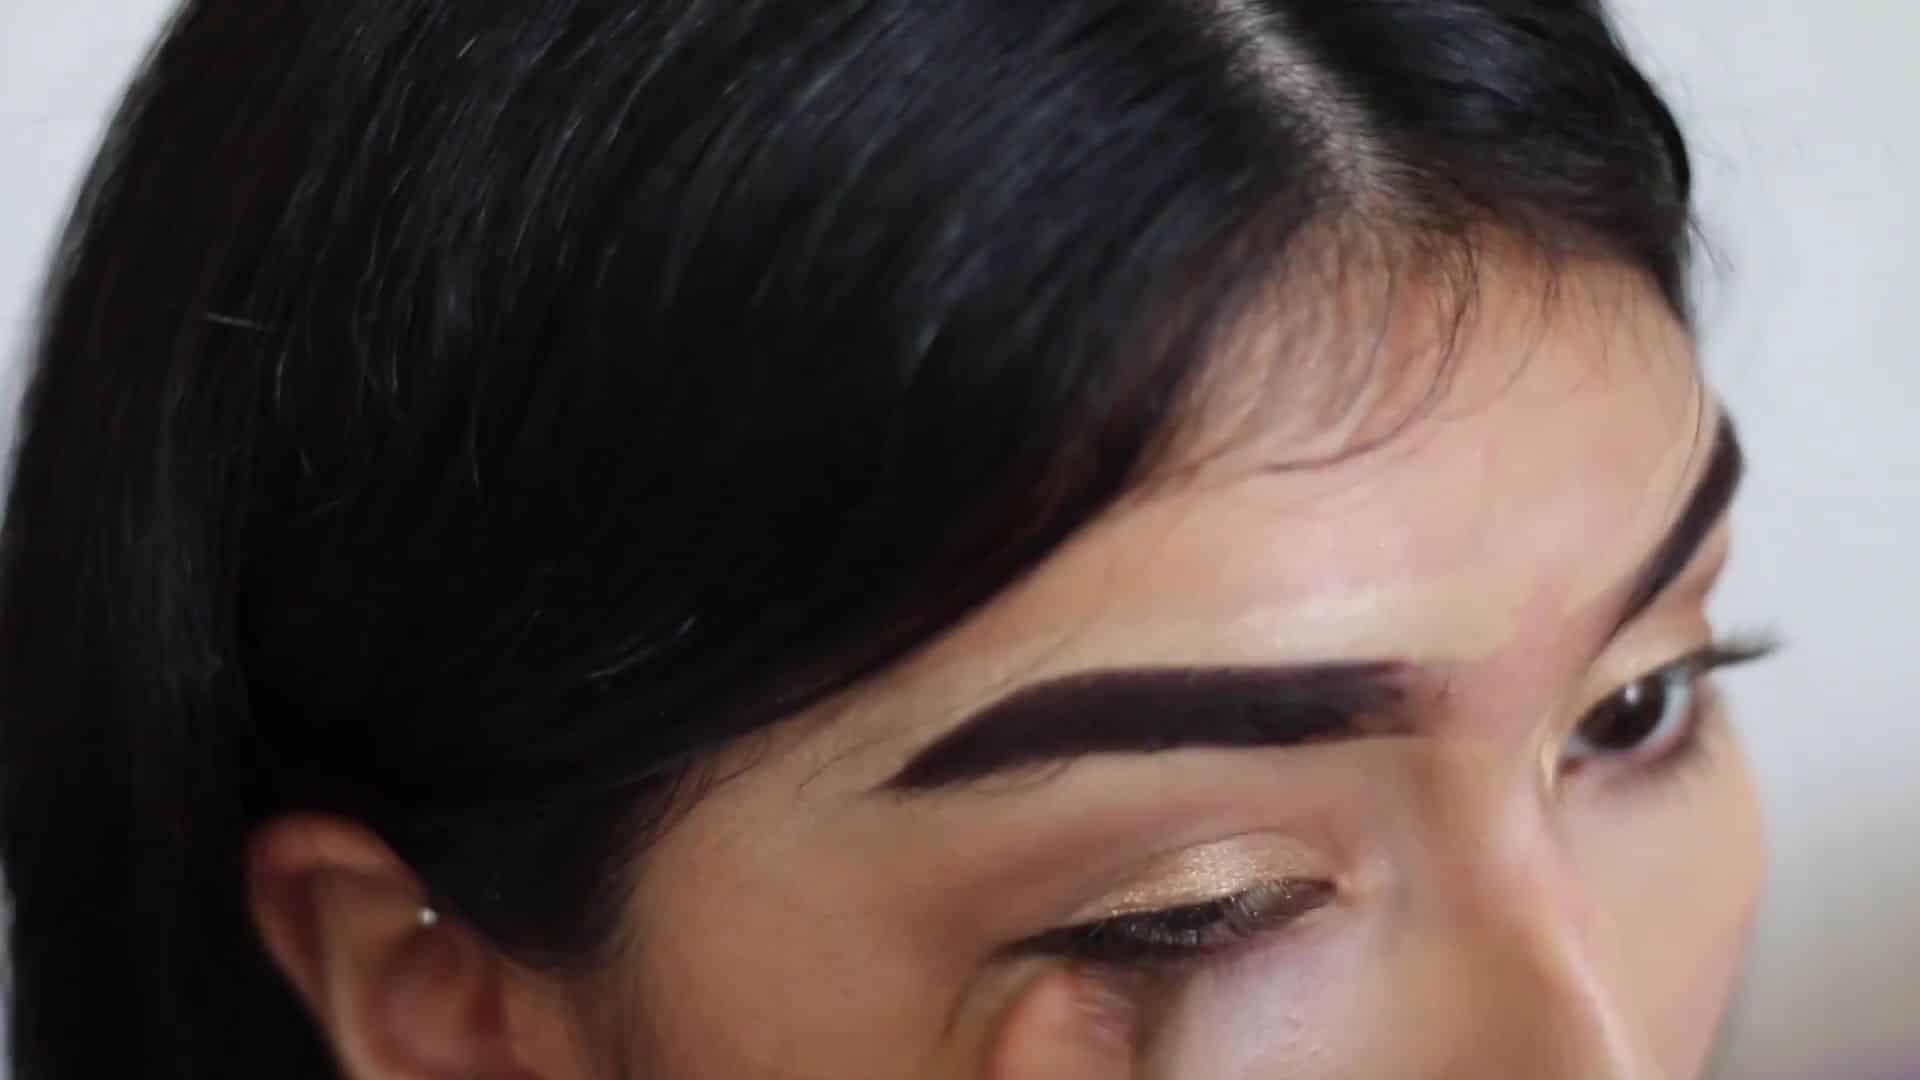 Paulina del Campo Maquillaje para cuando tienes pereza 2020, esponja de base, exceso de sombra.